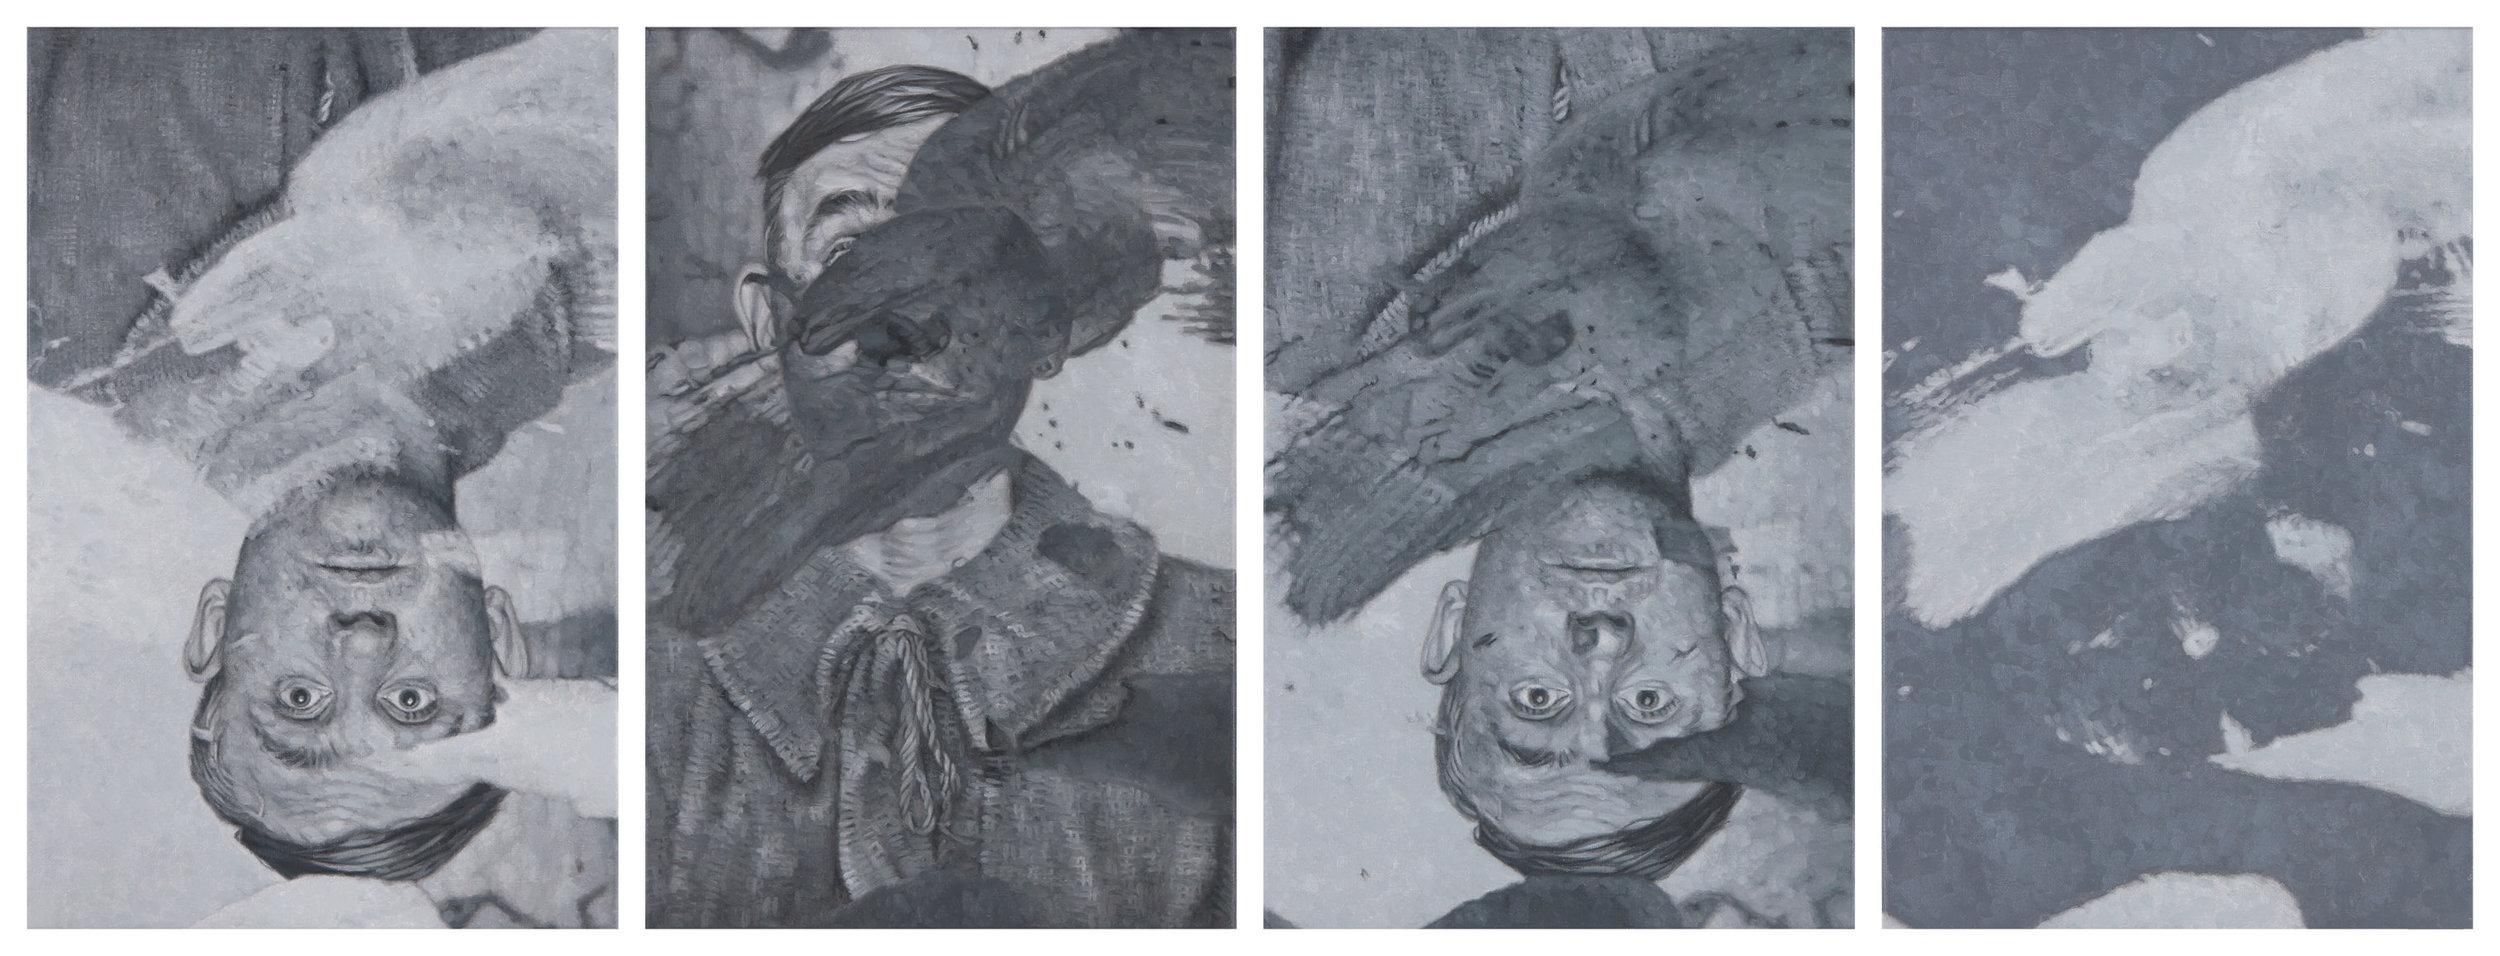 Tomas Lundgren   Concealed  2016 Oil on canvas 27 x 41 cm, 4 parts